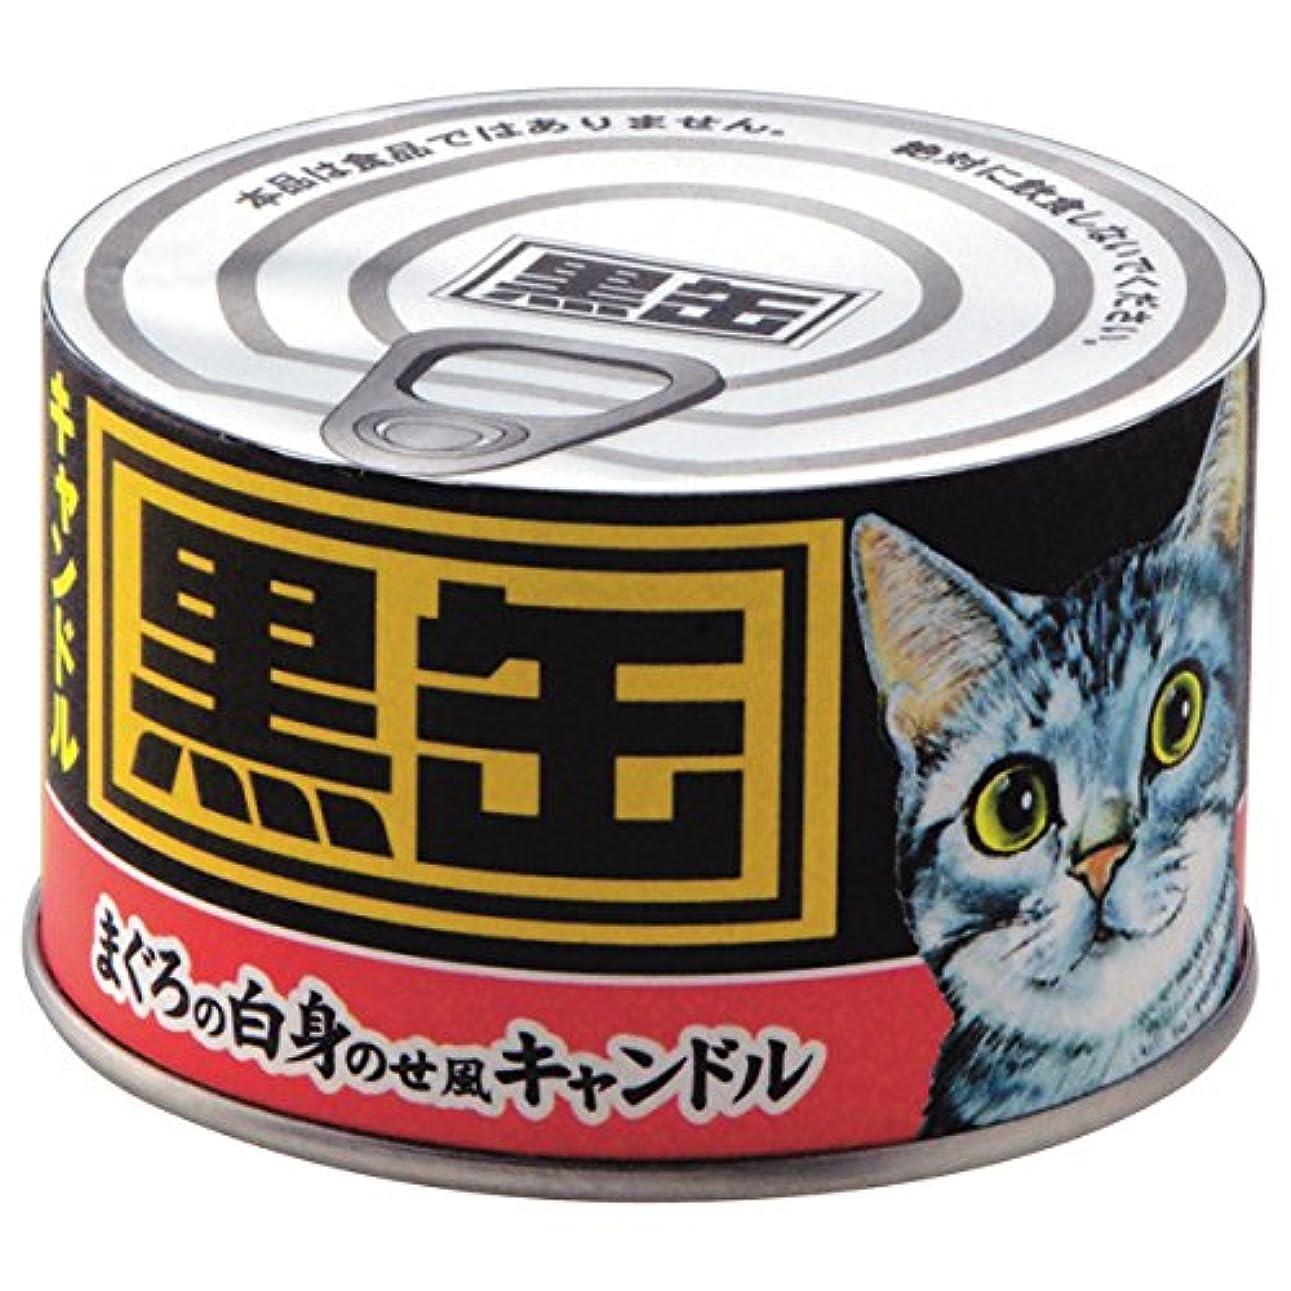 活発滑りやすい幹カメヤマ黒缶キャンドル